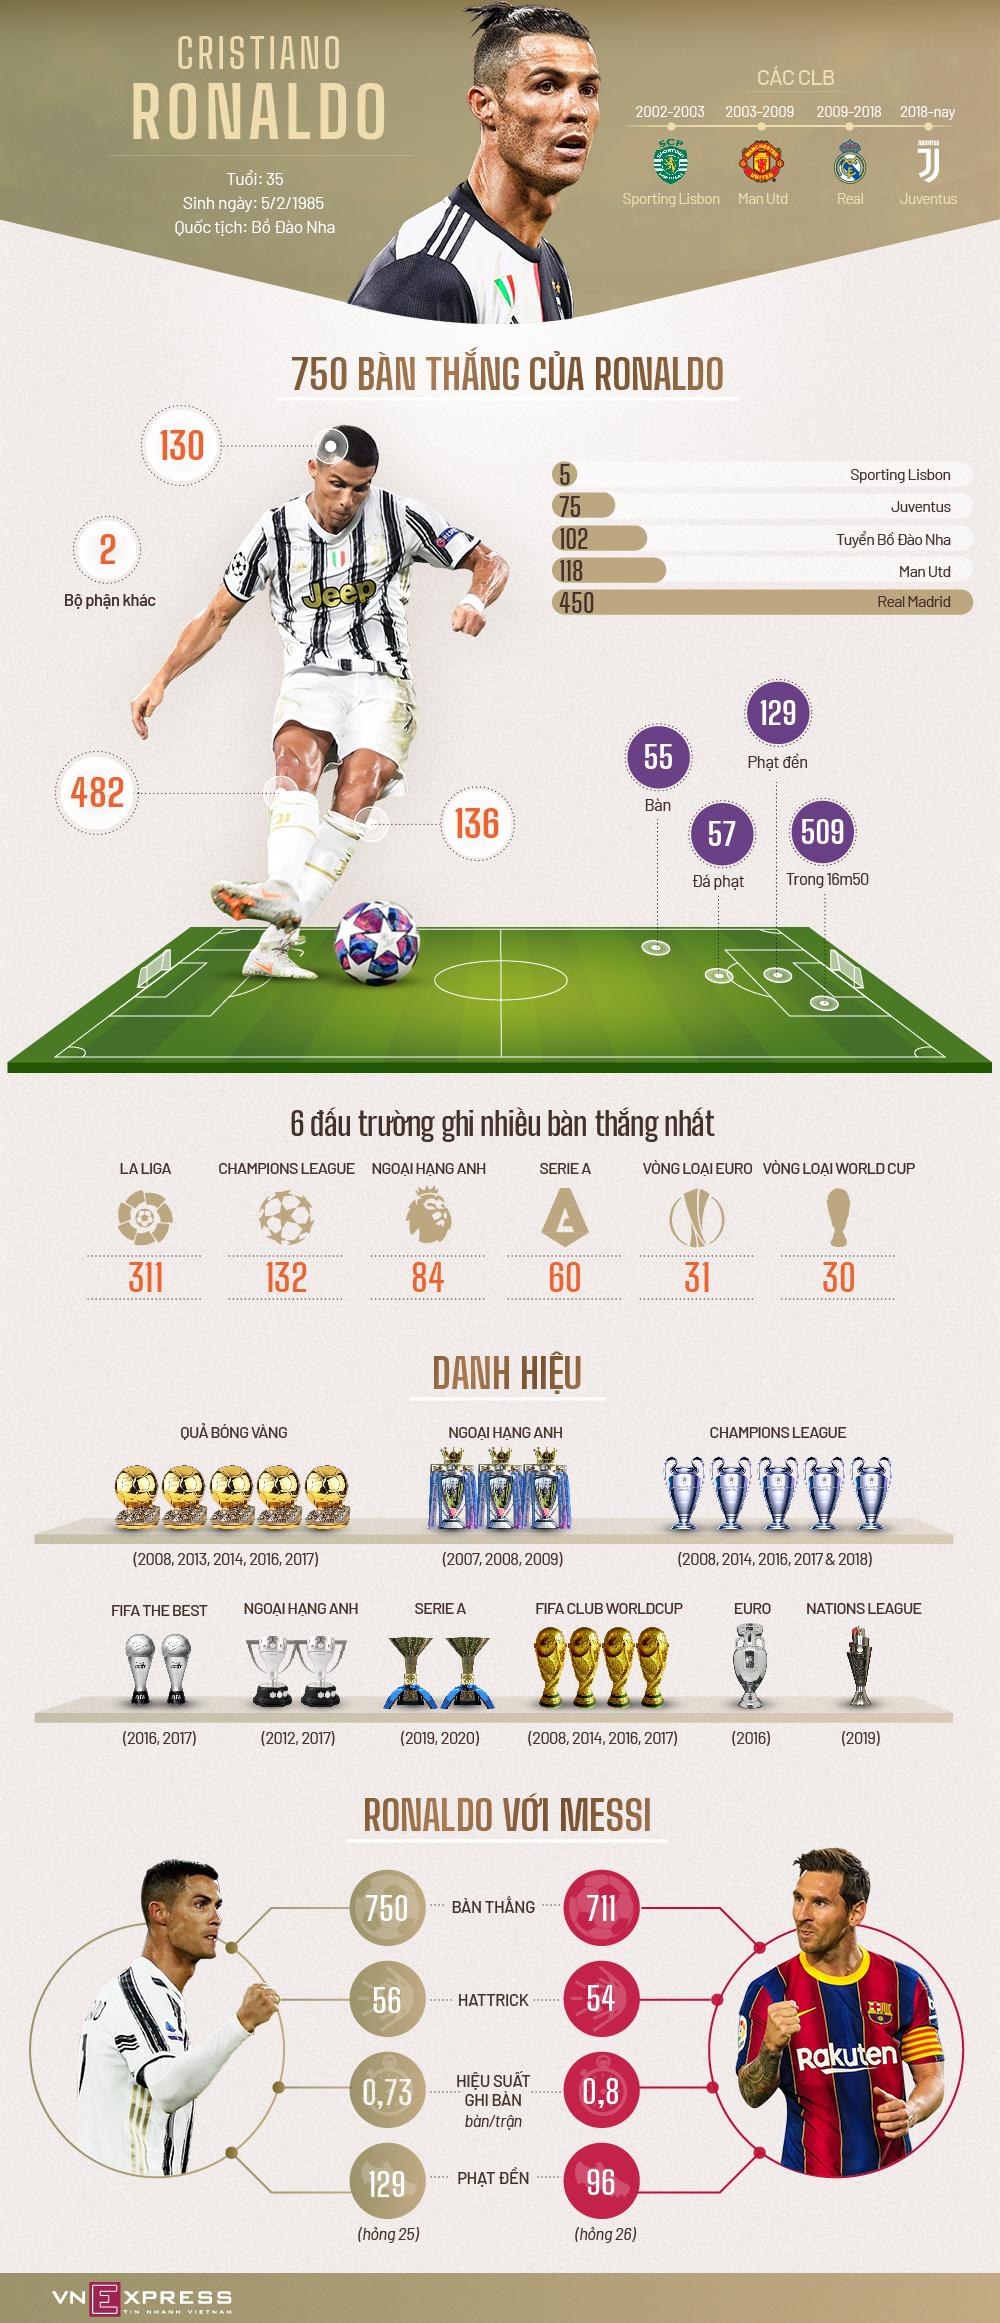 750 bàn của Ronaldo được ghi như thế nào?